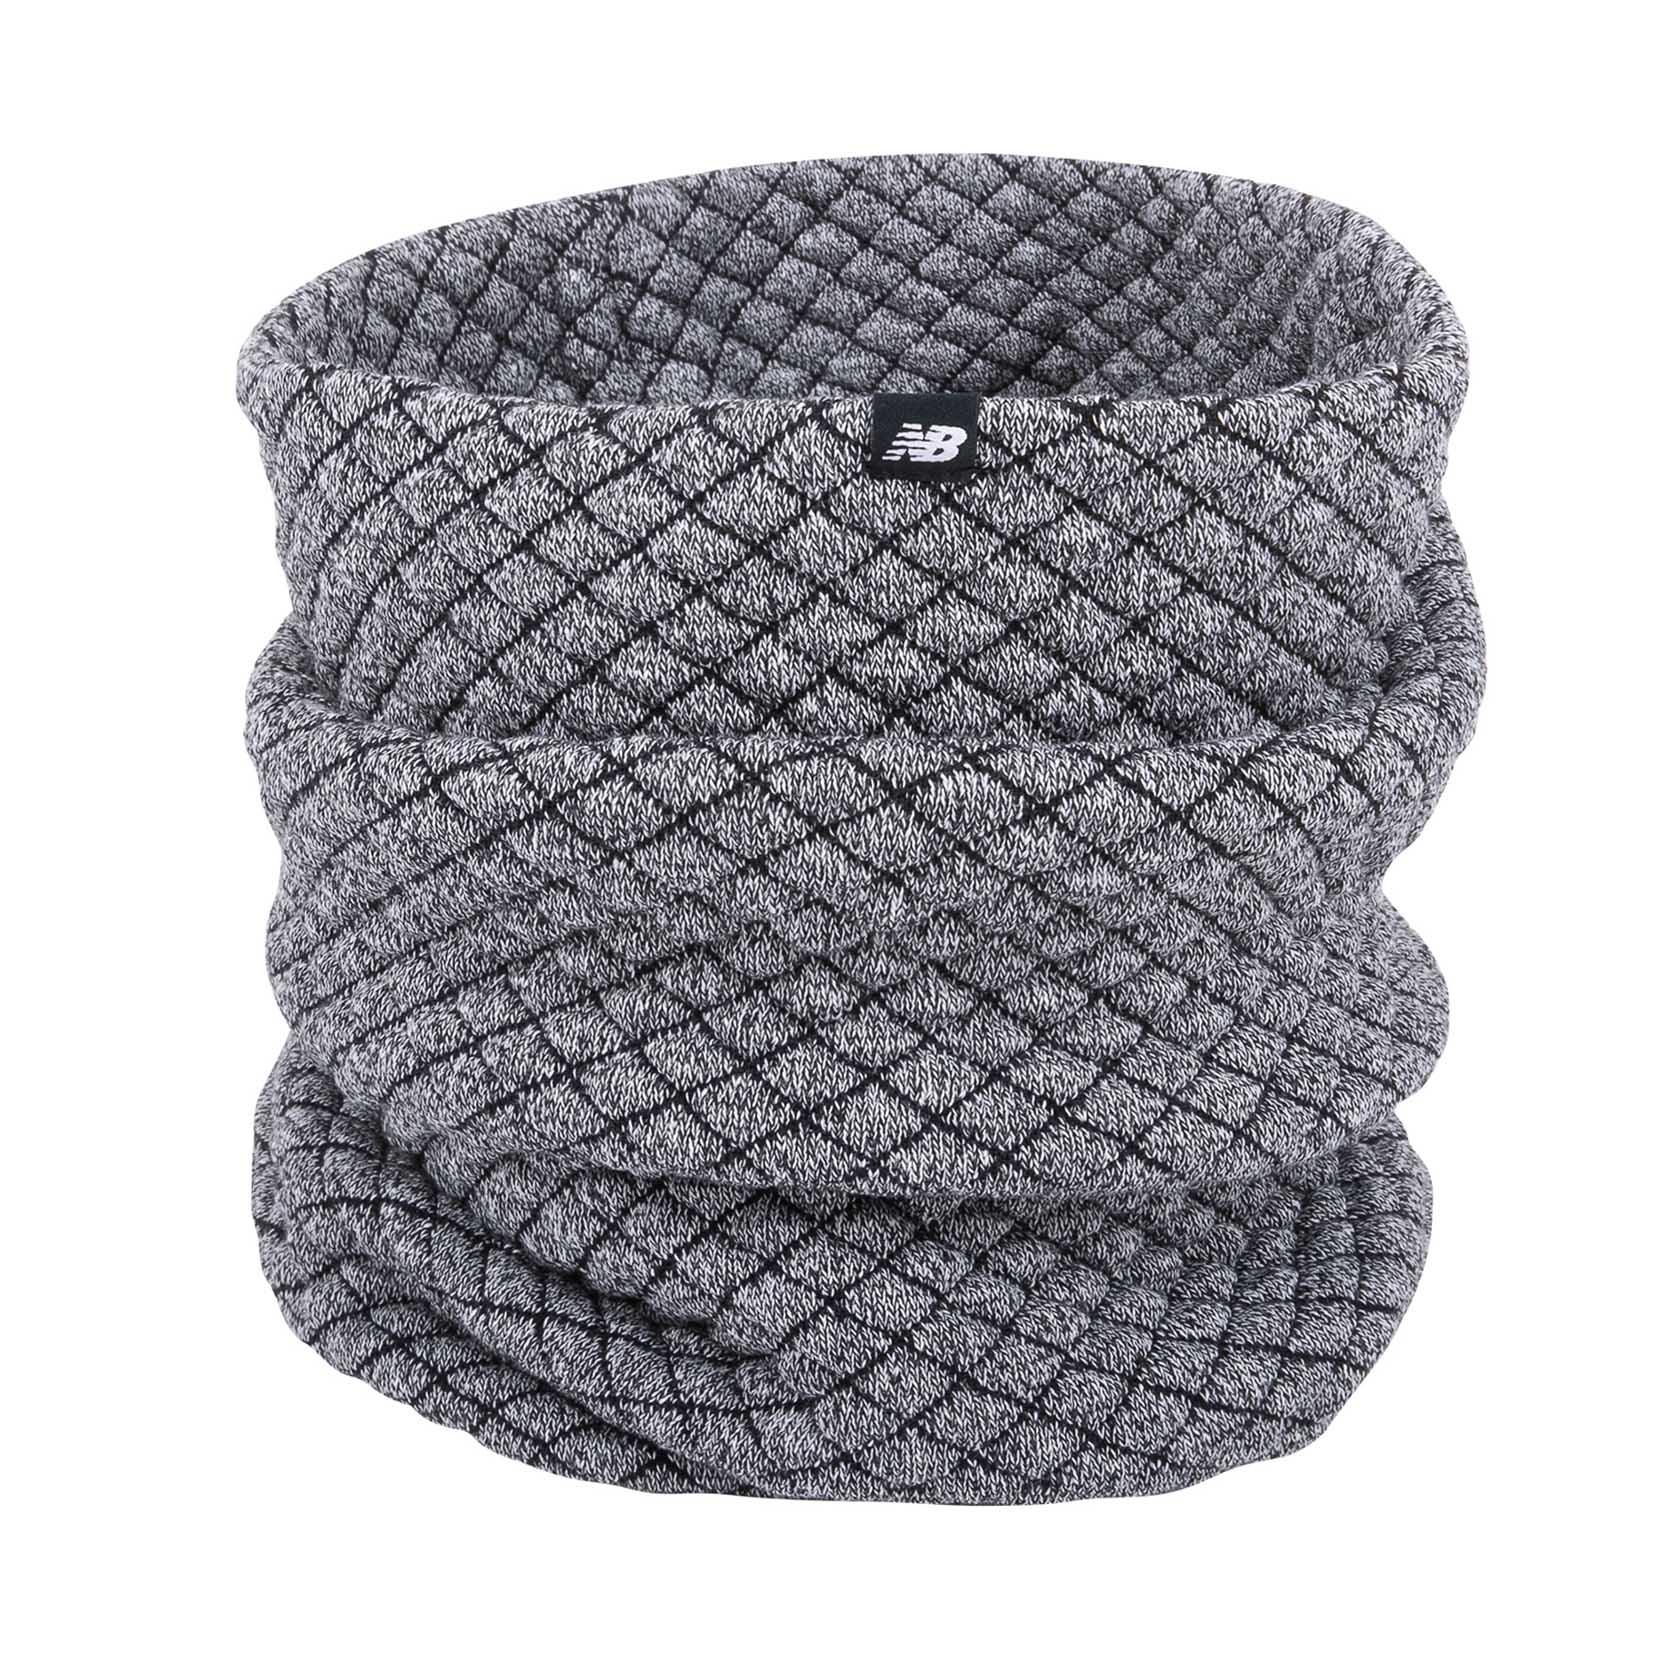 Снуд Warm Up Knit Snood LAH93008AG | New Balance